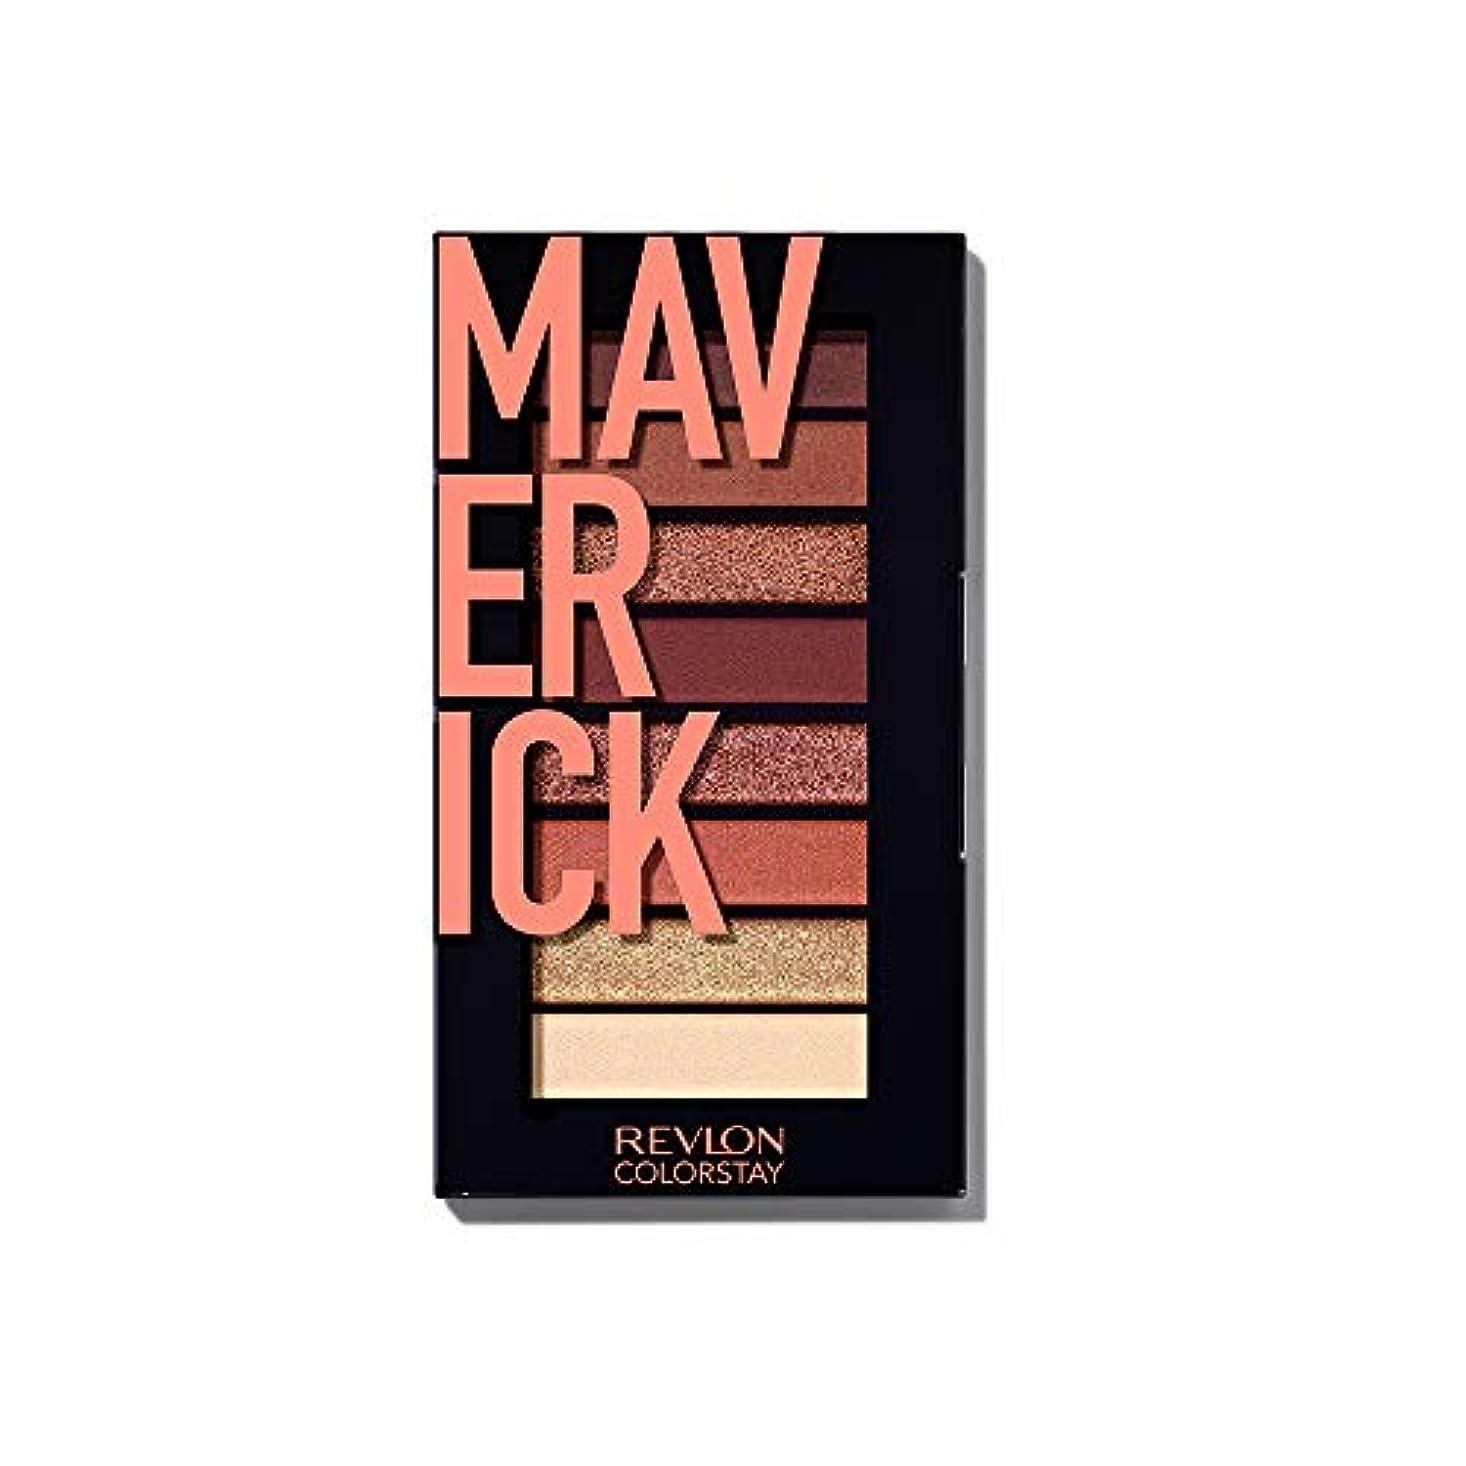 適合するシェトランド諸島感情のレブロン カラーステイ ルックス ブック パレット 930 マーベリック(カラーイメージ:オレンジブラウン系) アイシャドウ 930マーベリック 3.4g